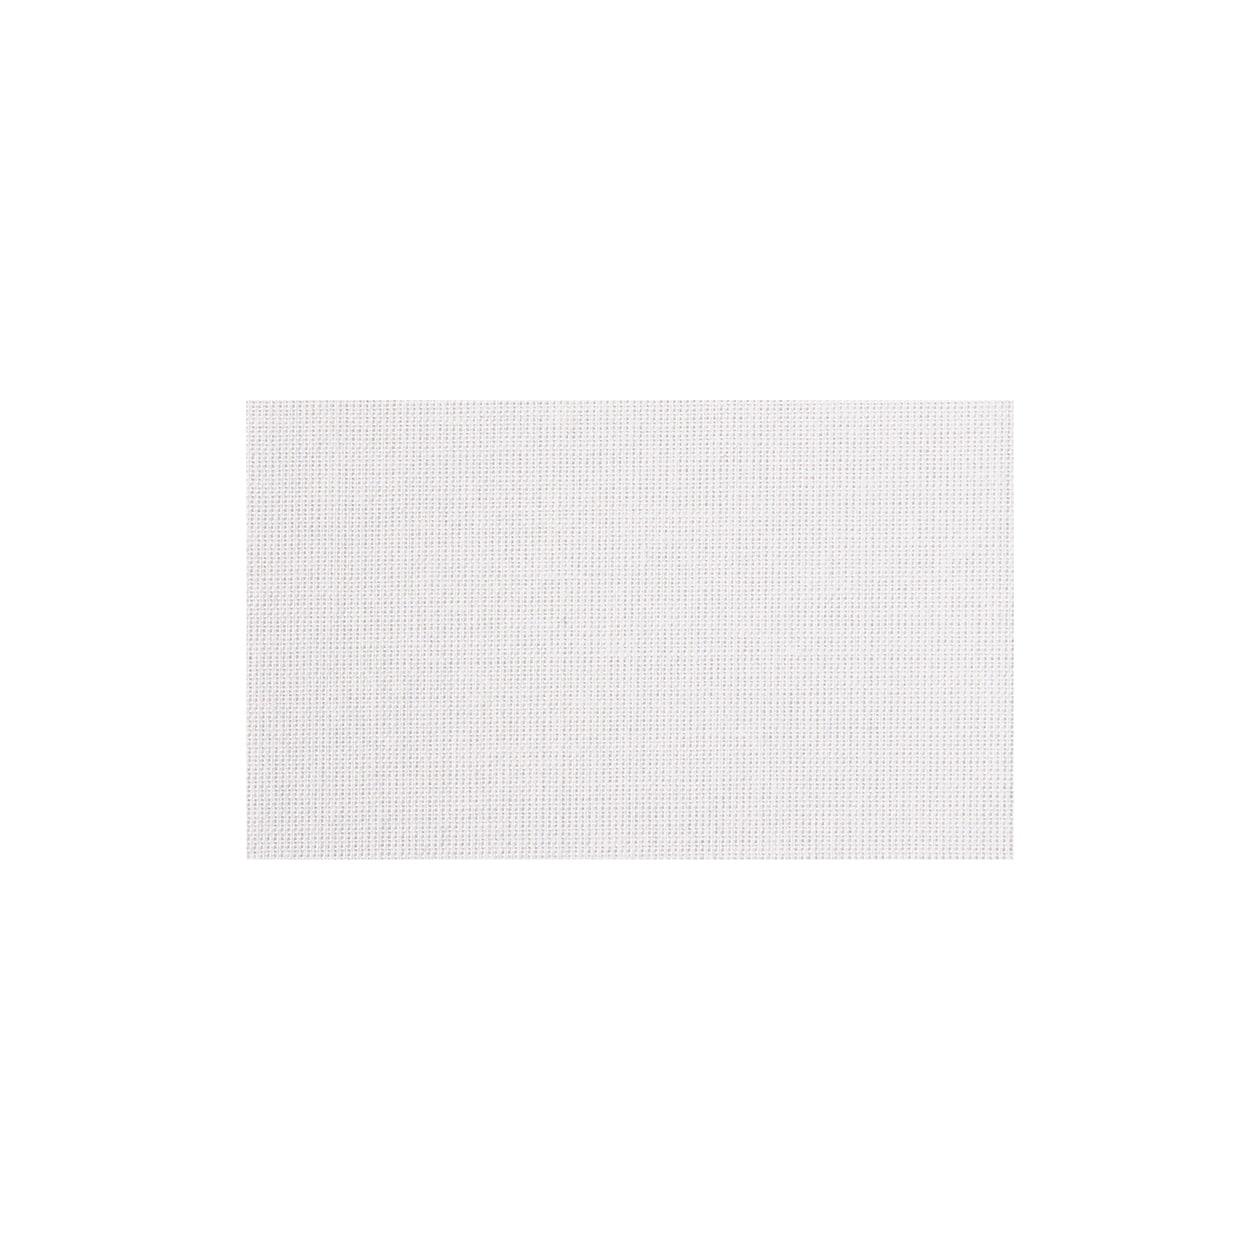 ネームカード 細布 ホワイト×グレー